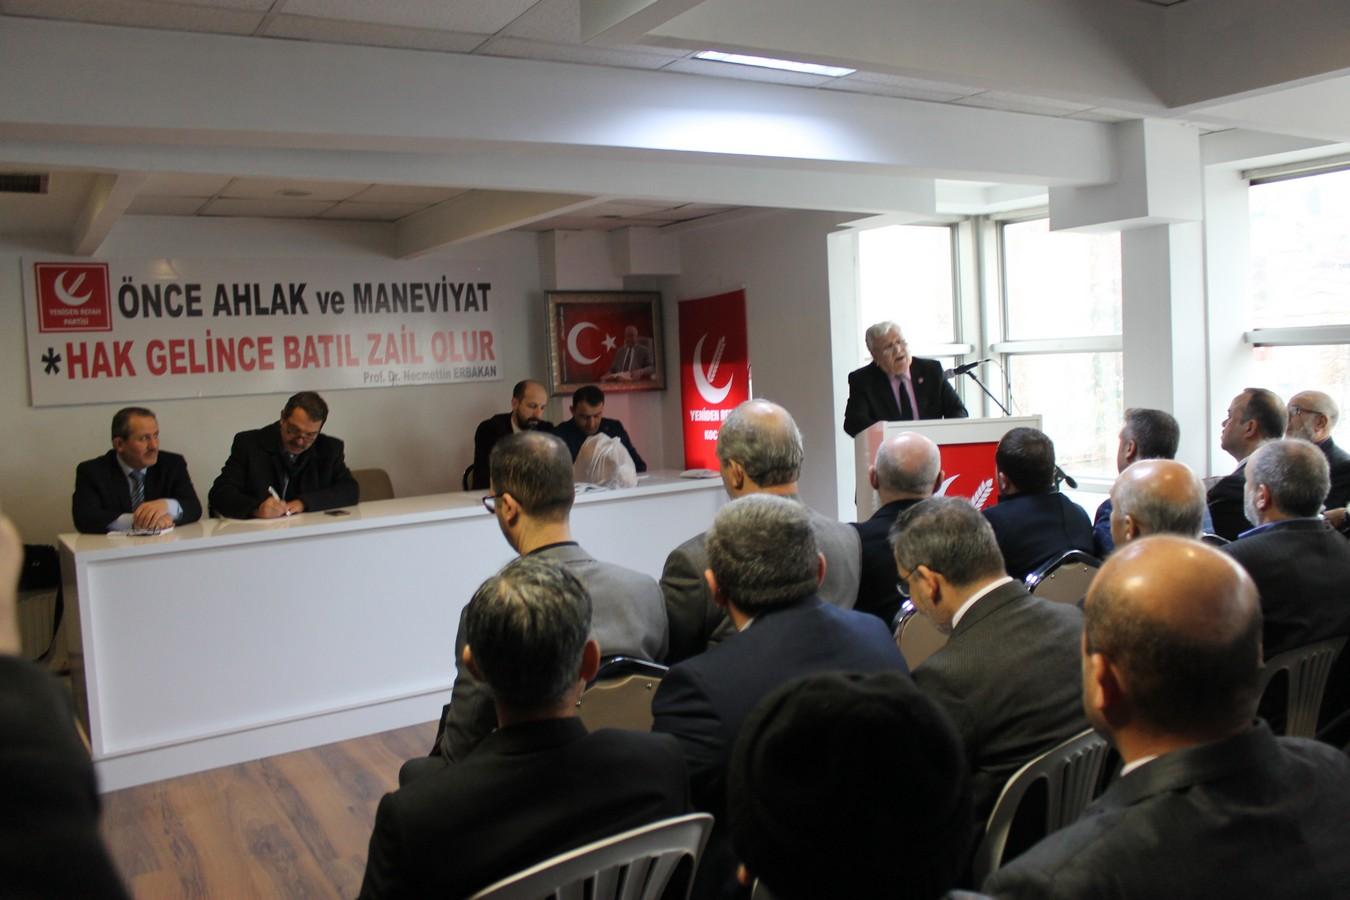 Yeniden Refah Partisi Milli Görüş Konferans Salonunu Hizmete Açtı..